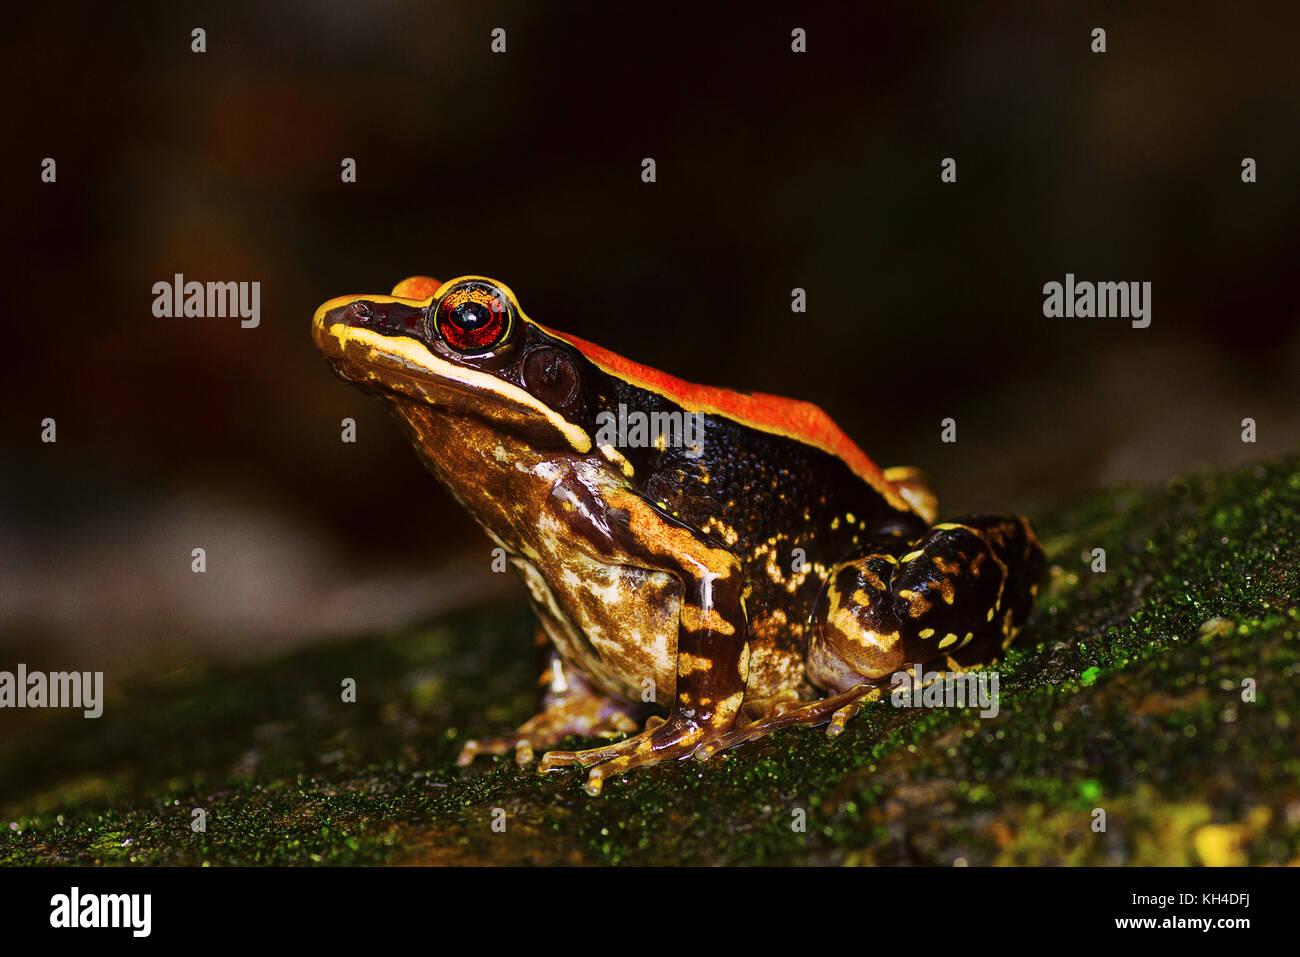 Fungoid Frog, Hylarana malabarica, Mulshi, Pune District, Maharashtra, India - Stock Image